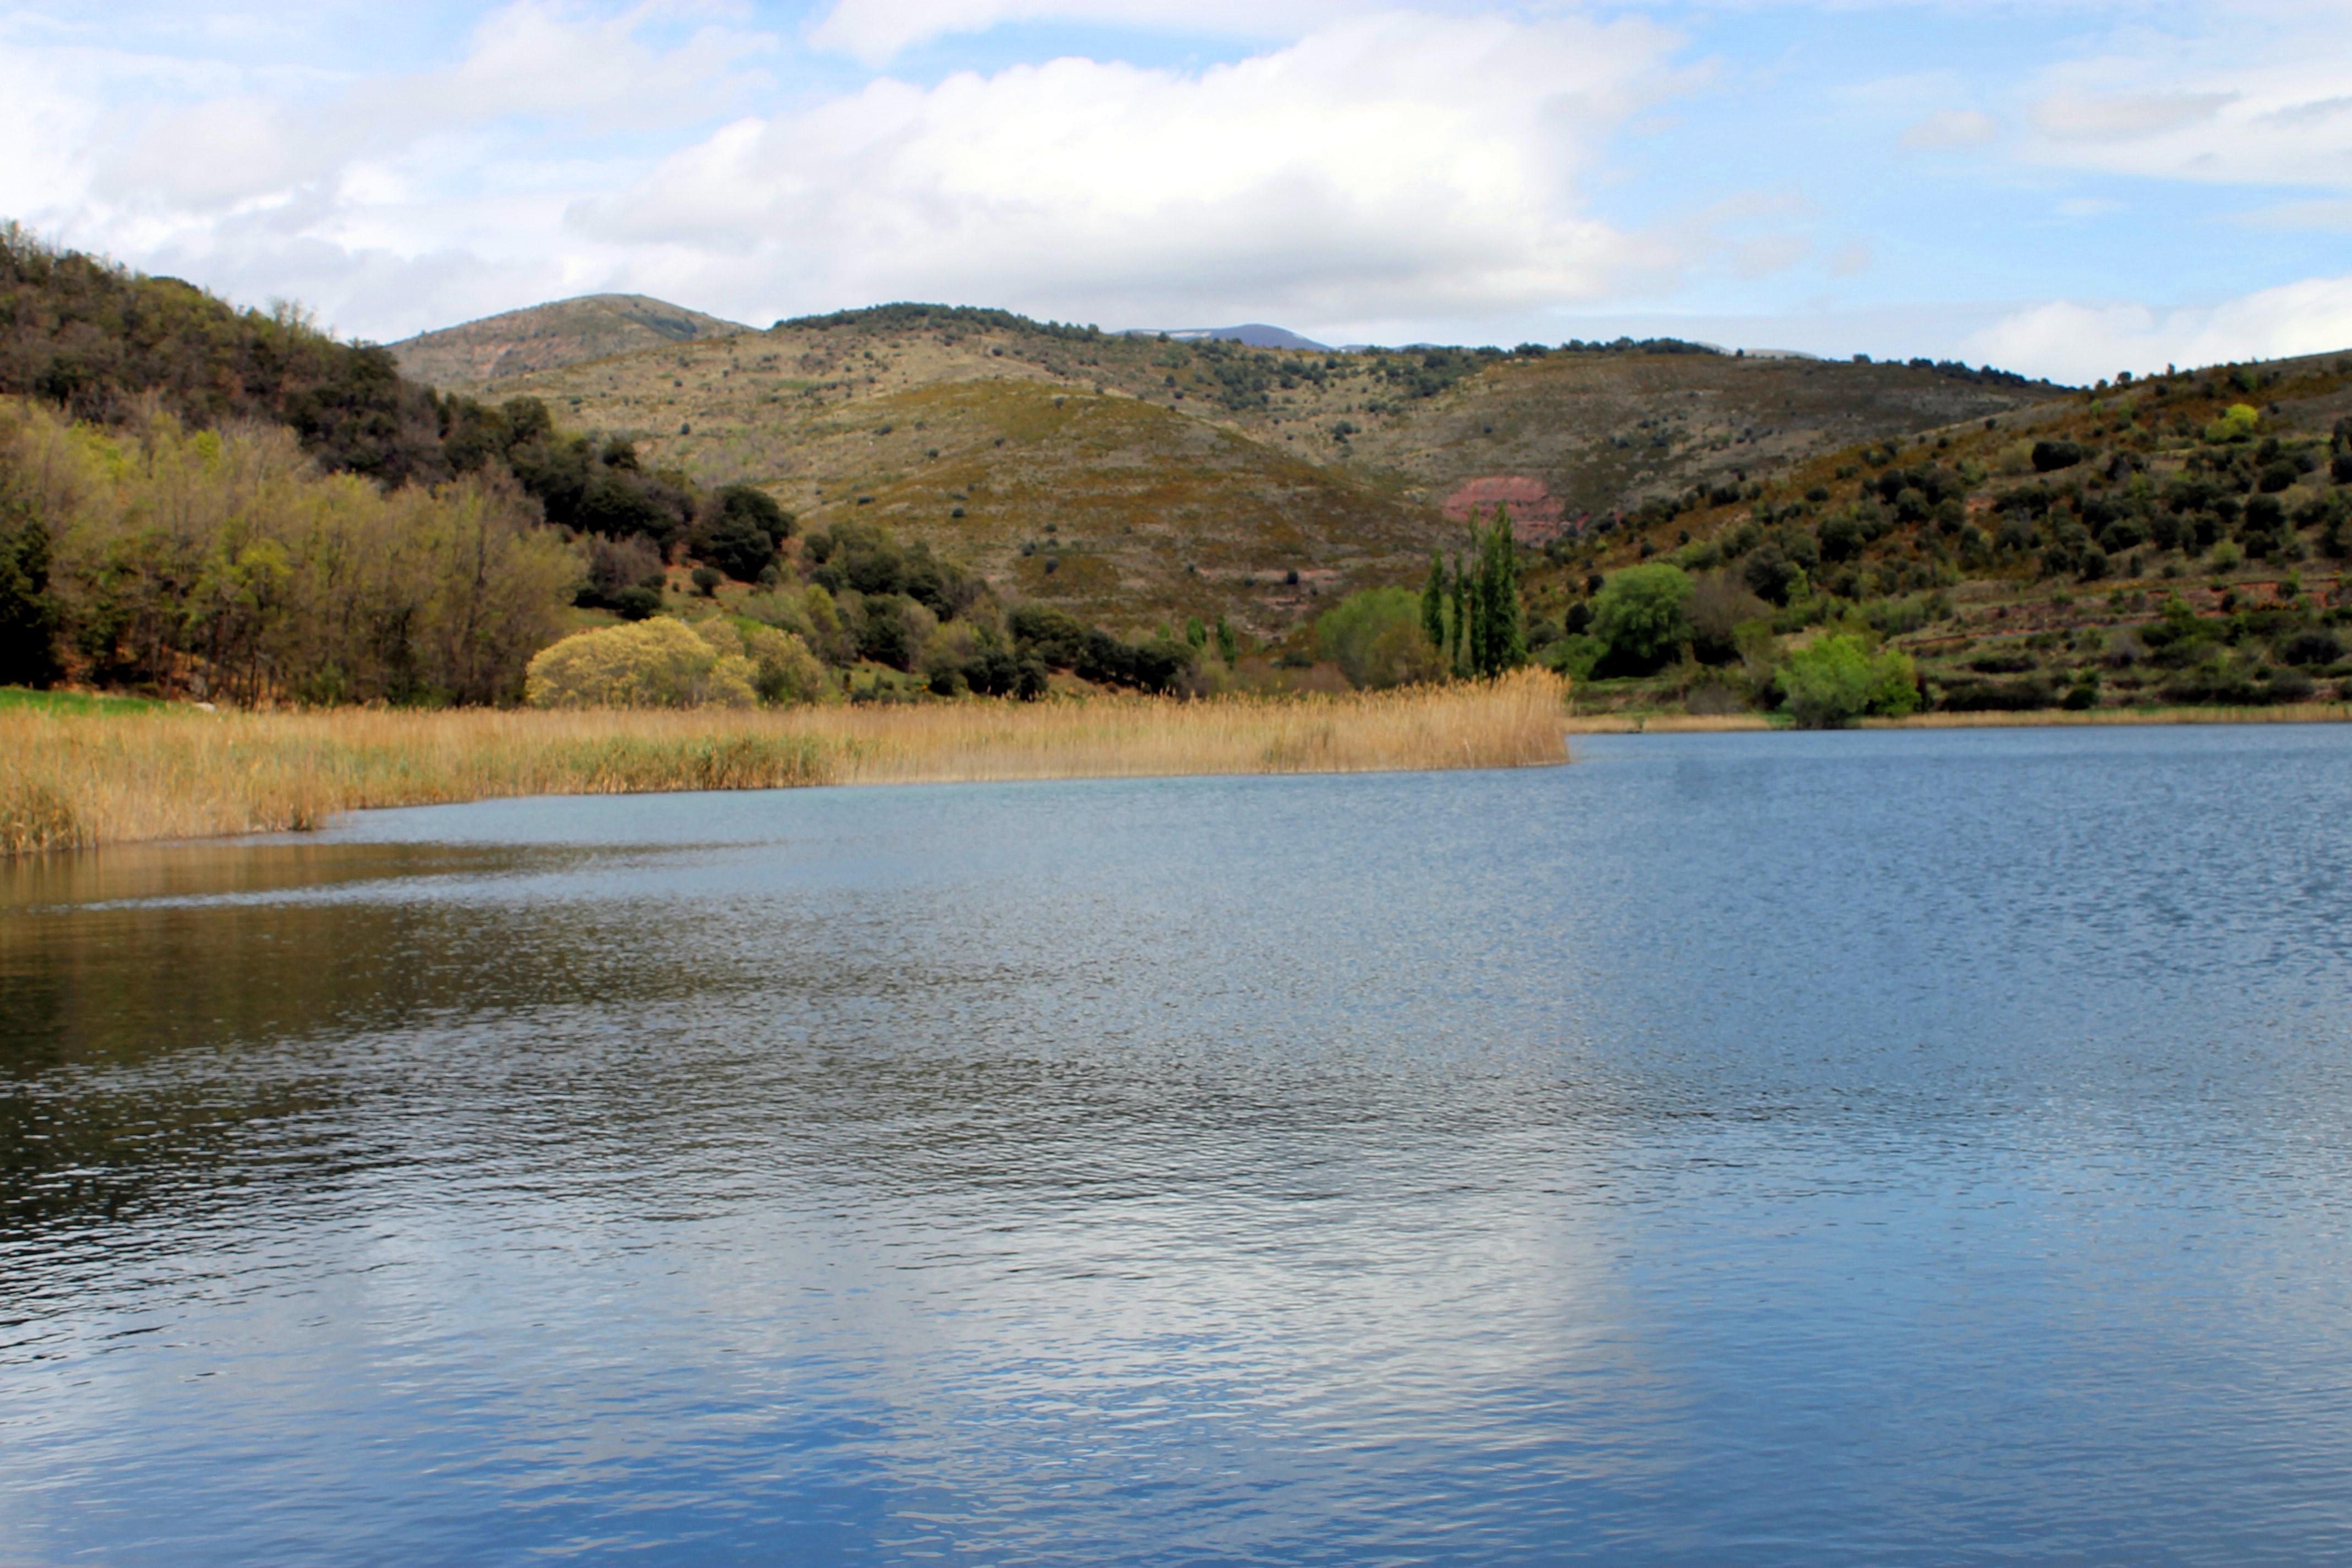 Lac de Montcortés © Oficina Comarcal Turisme Pallars Sobirà